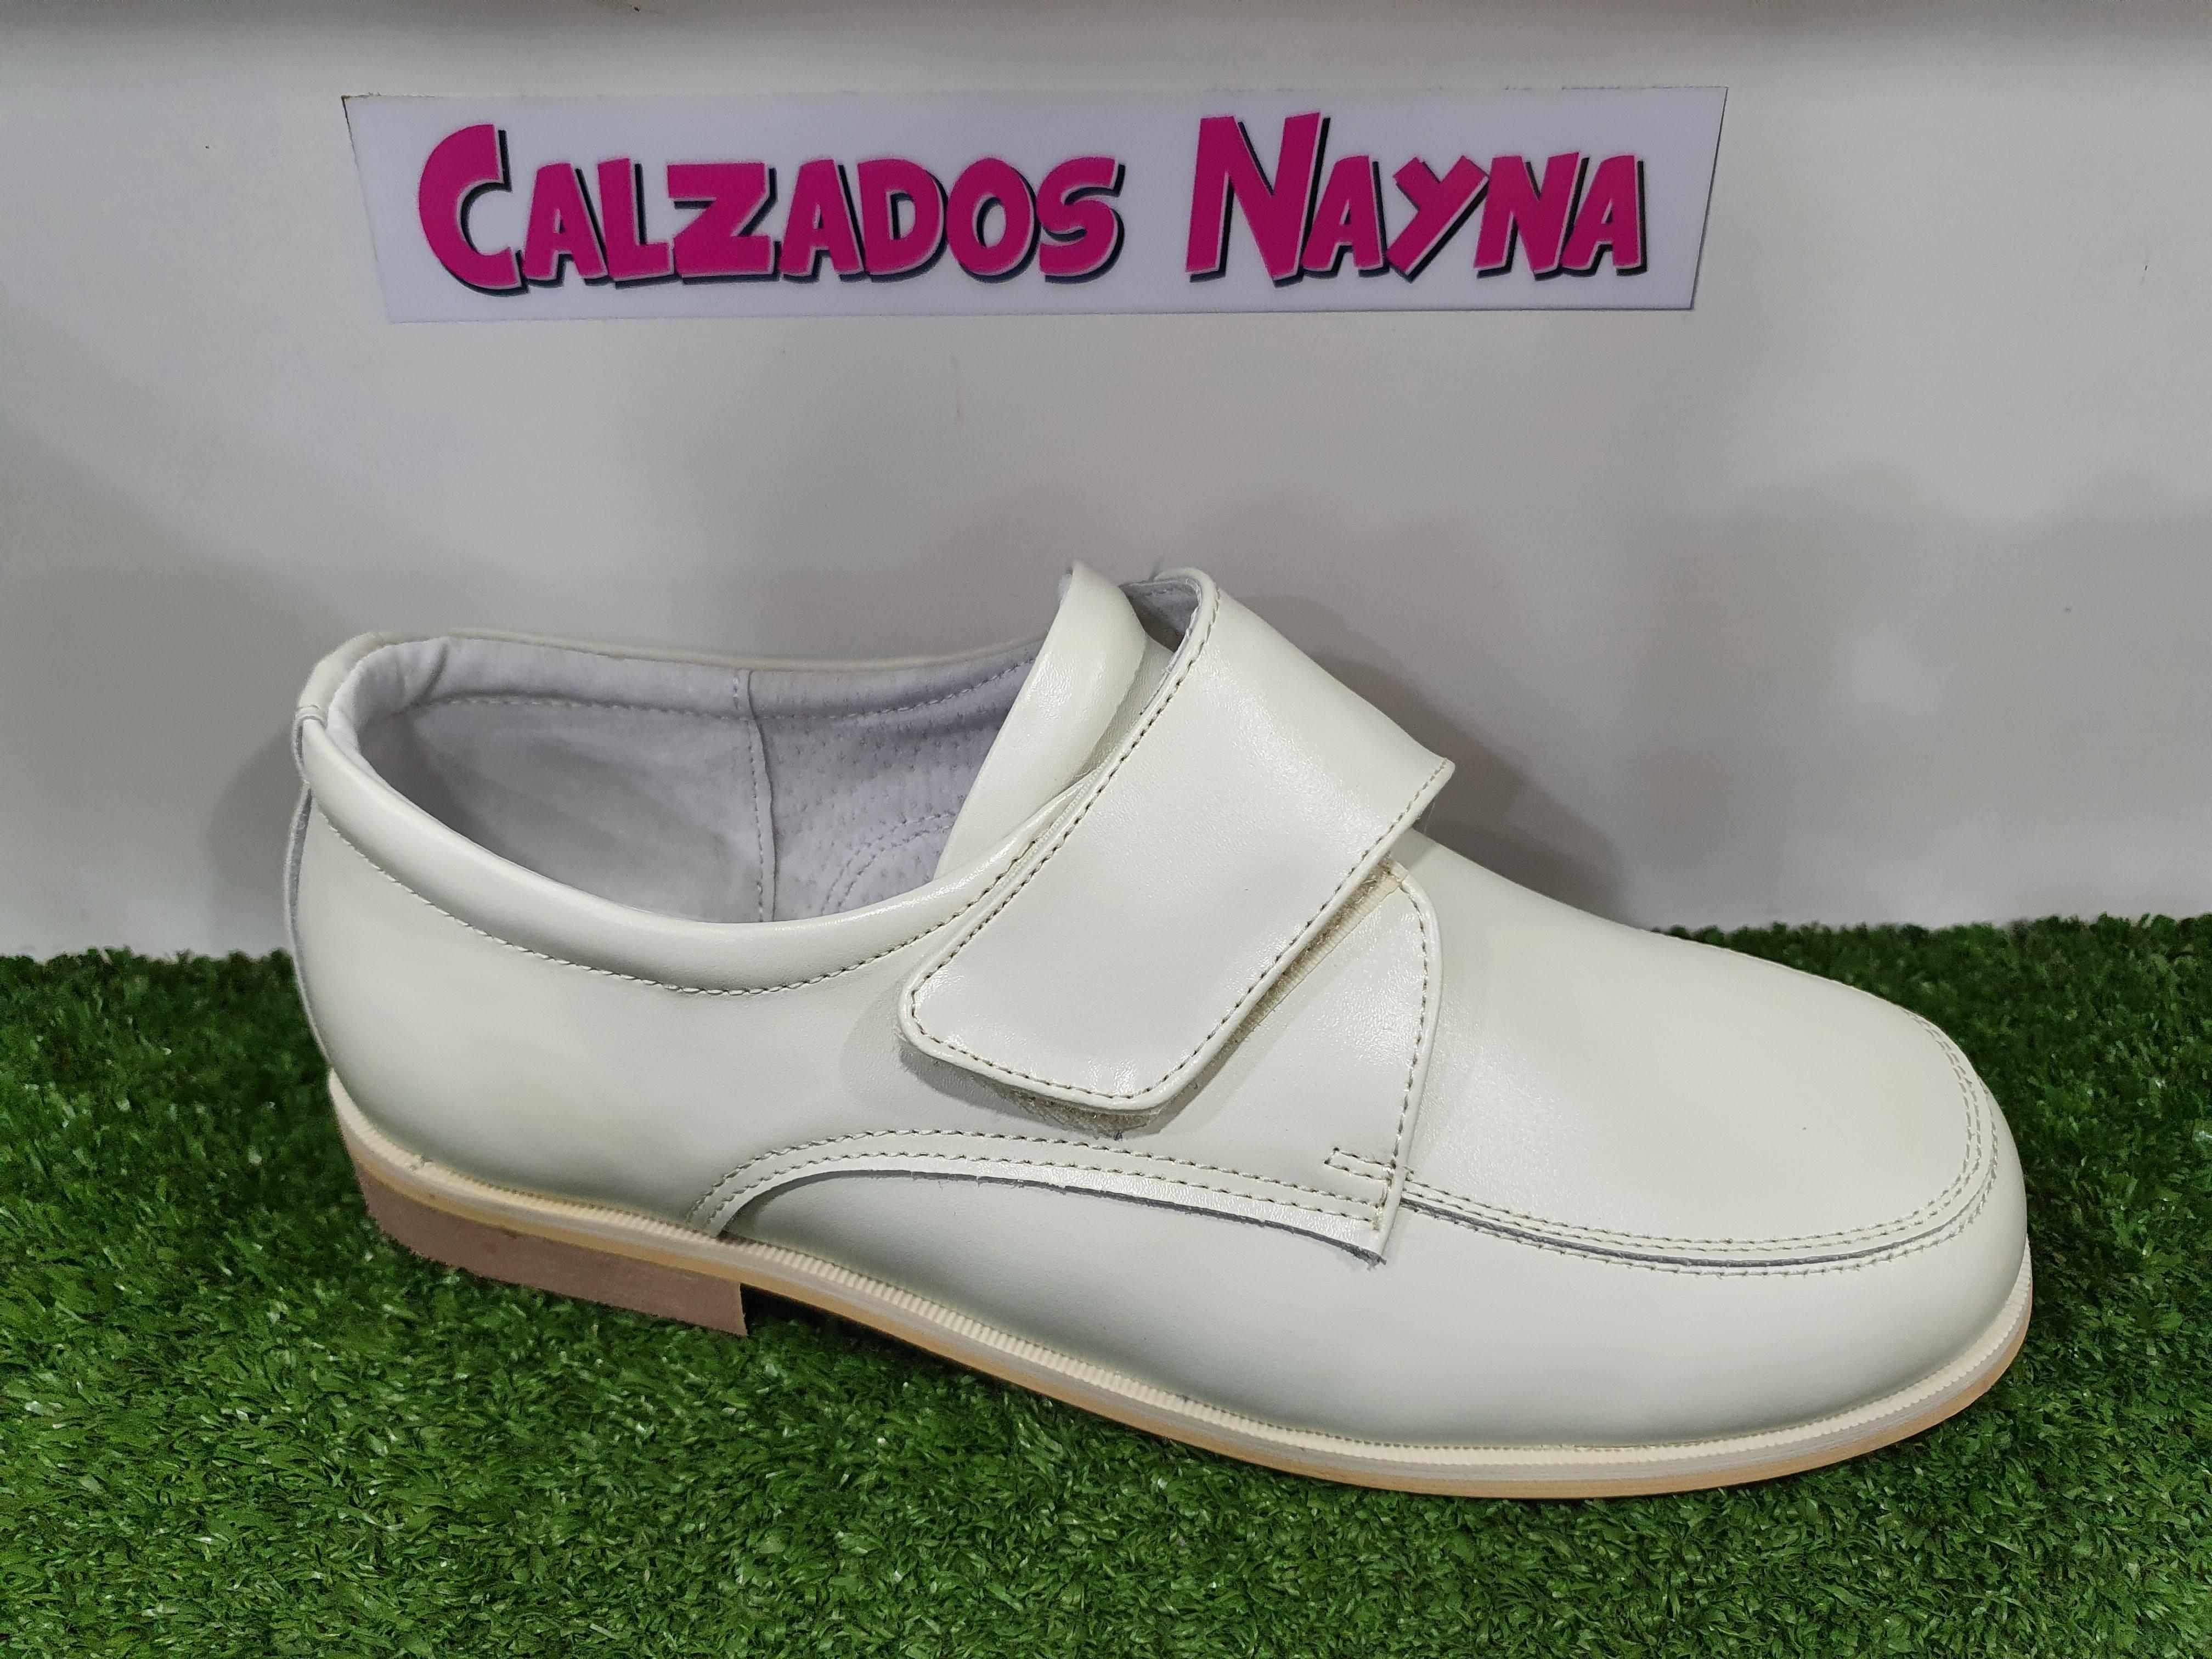 Calzados De Velcro Nayna Con Mocasin Niños y6gfb7